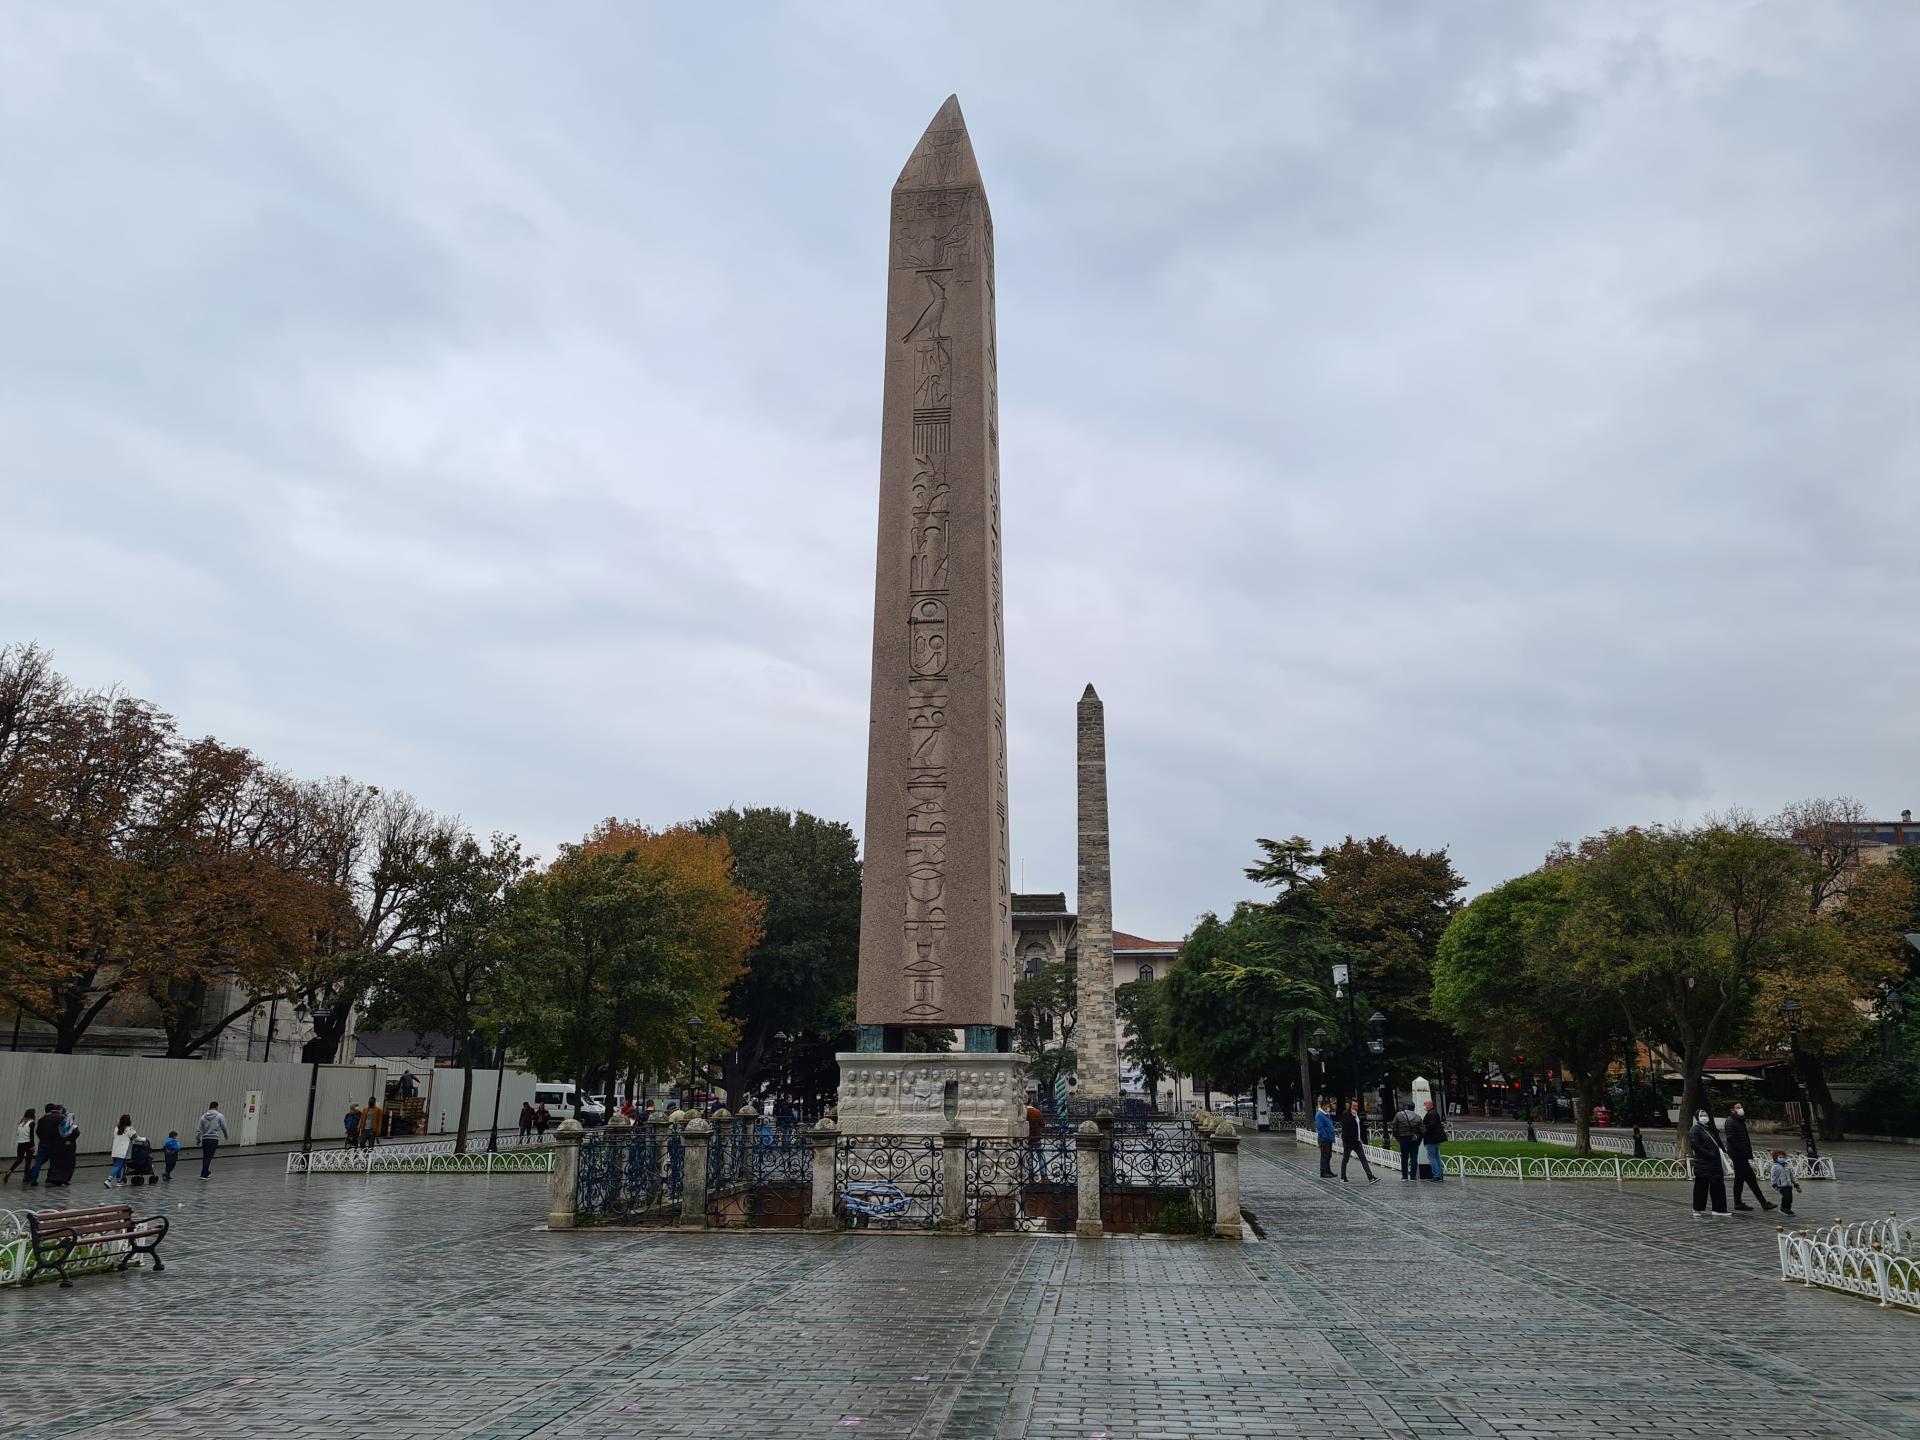 обелиск Феодосия, Стамбул